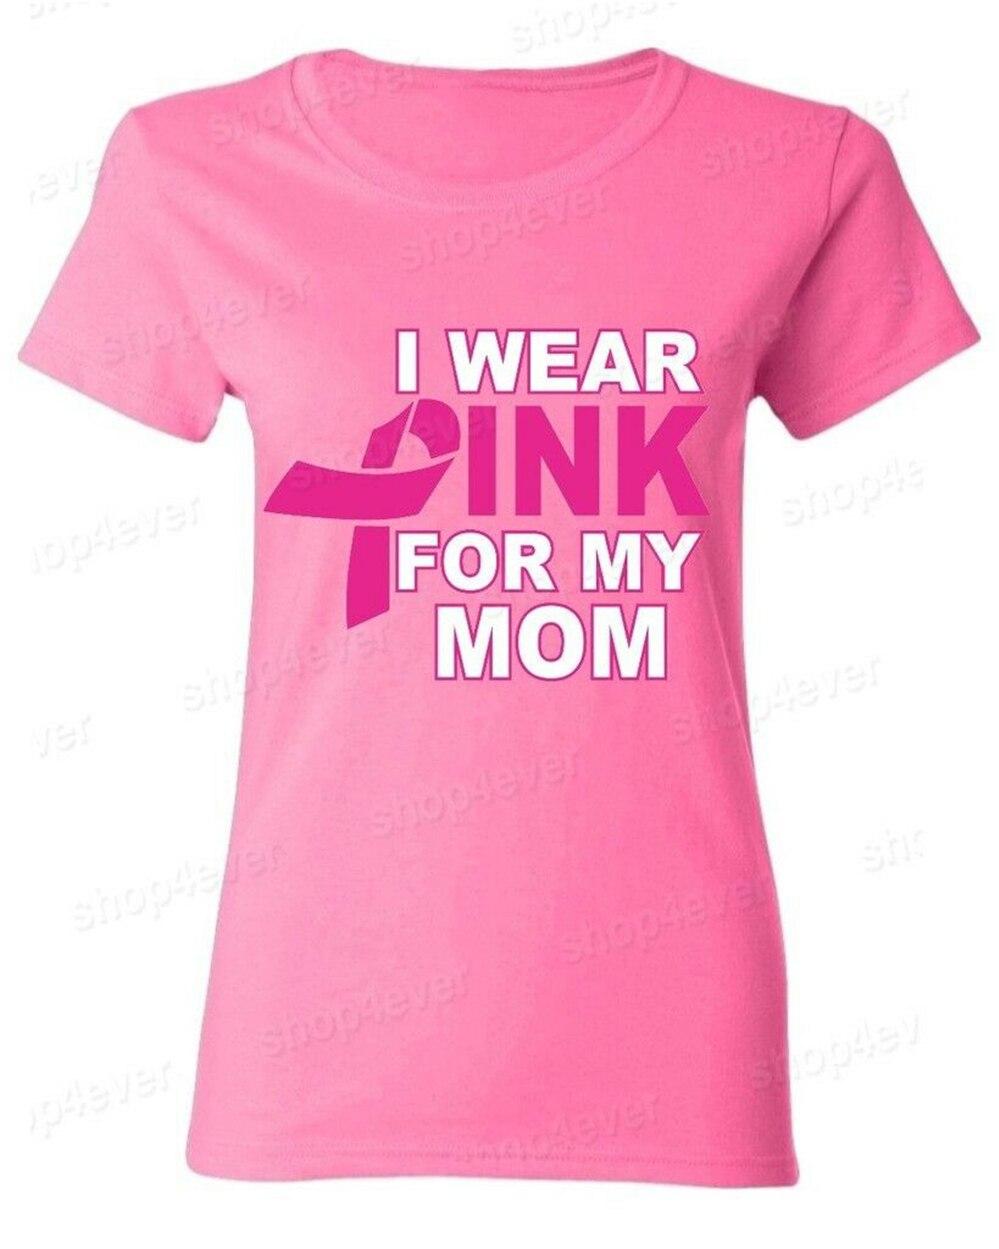 Я ношу розовые футболки для моей мамы, женские футболки для мужчин и женщин с розовой лентой, футболки с раком груди, футболки с индивидуальн...